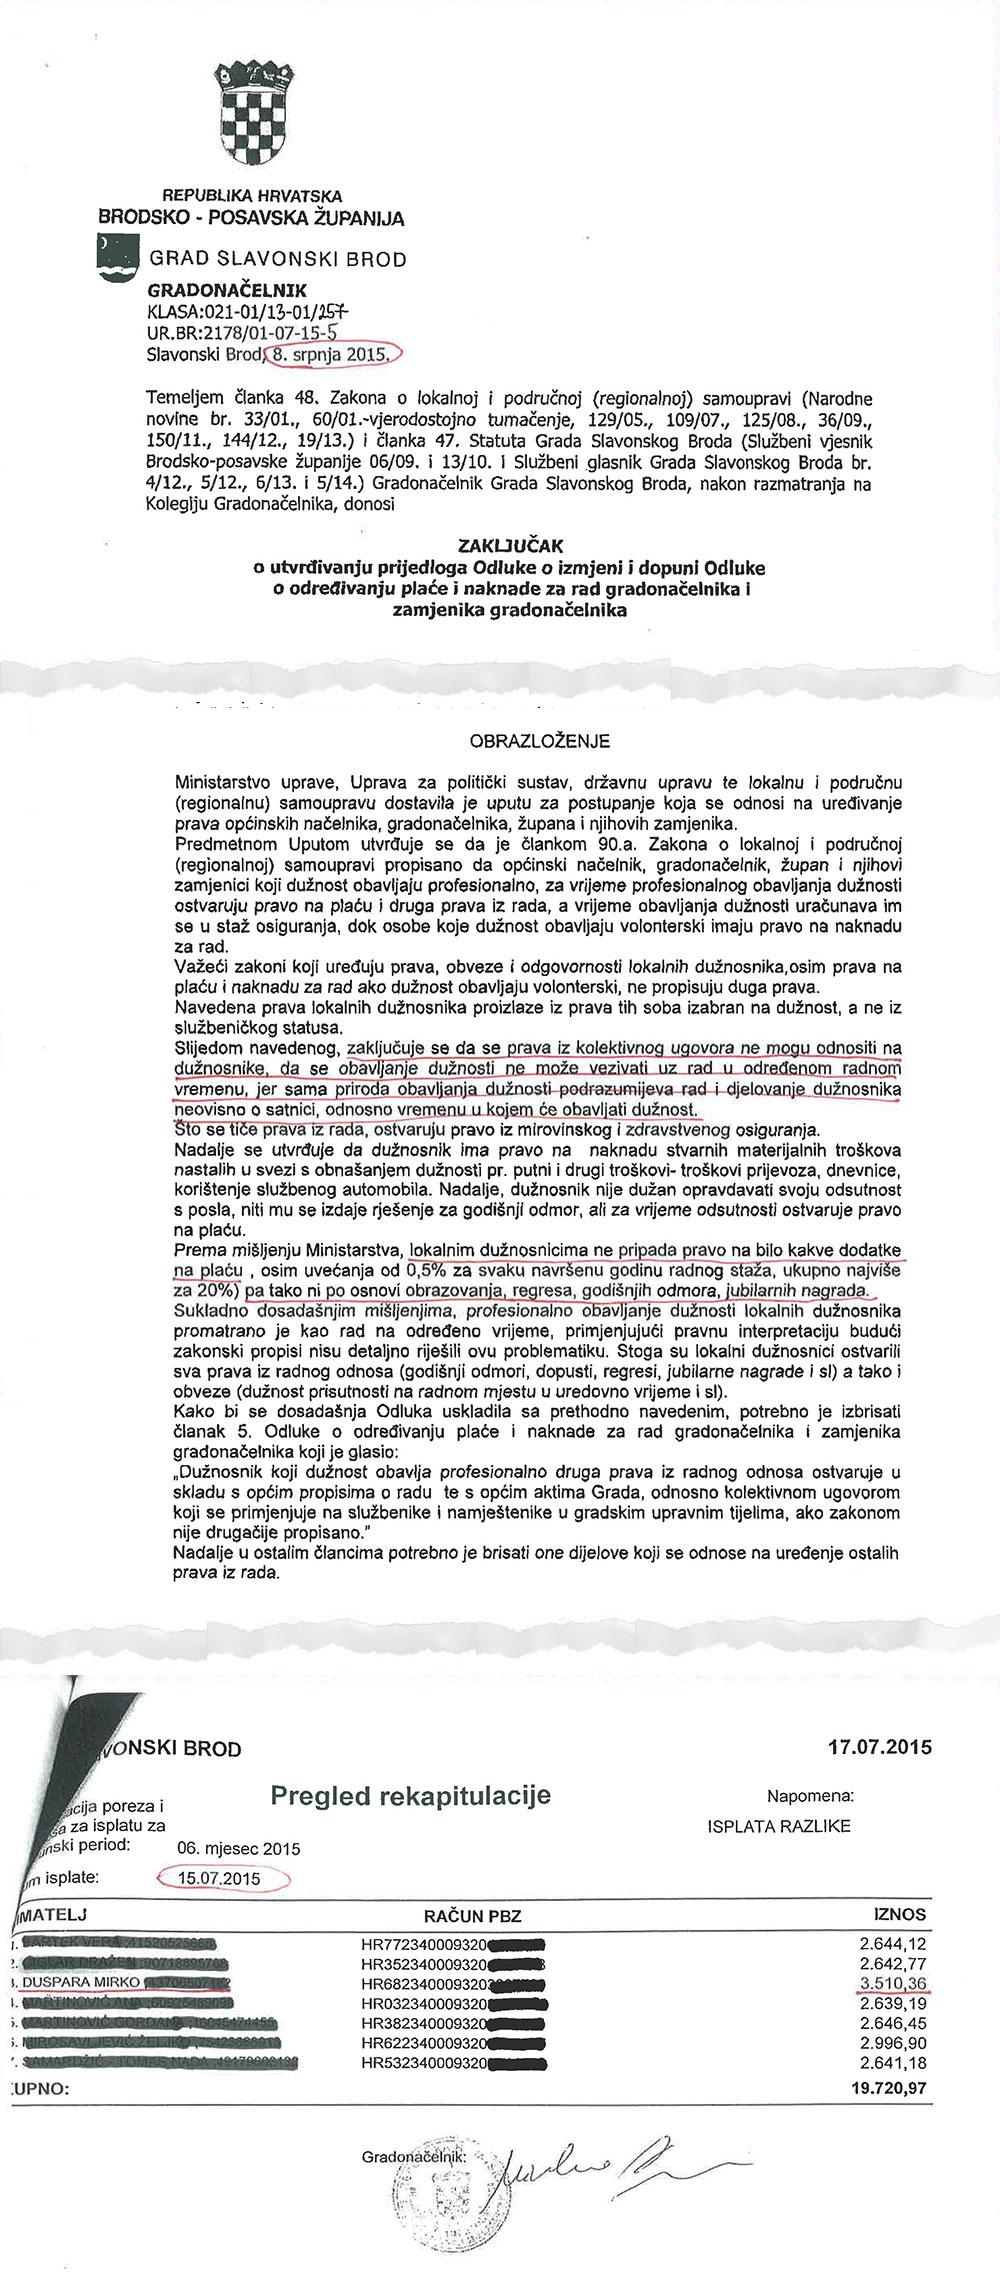 duspara_isplata_prava